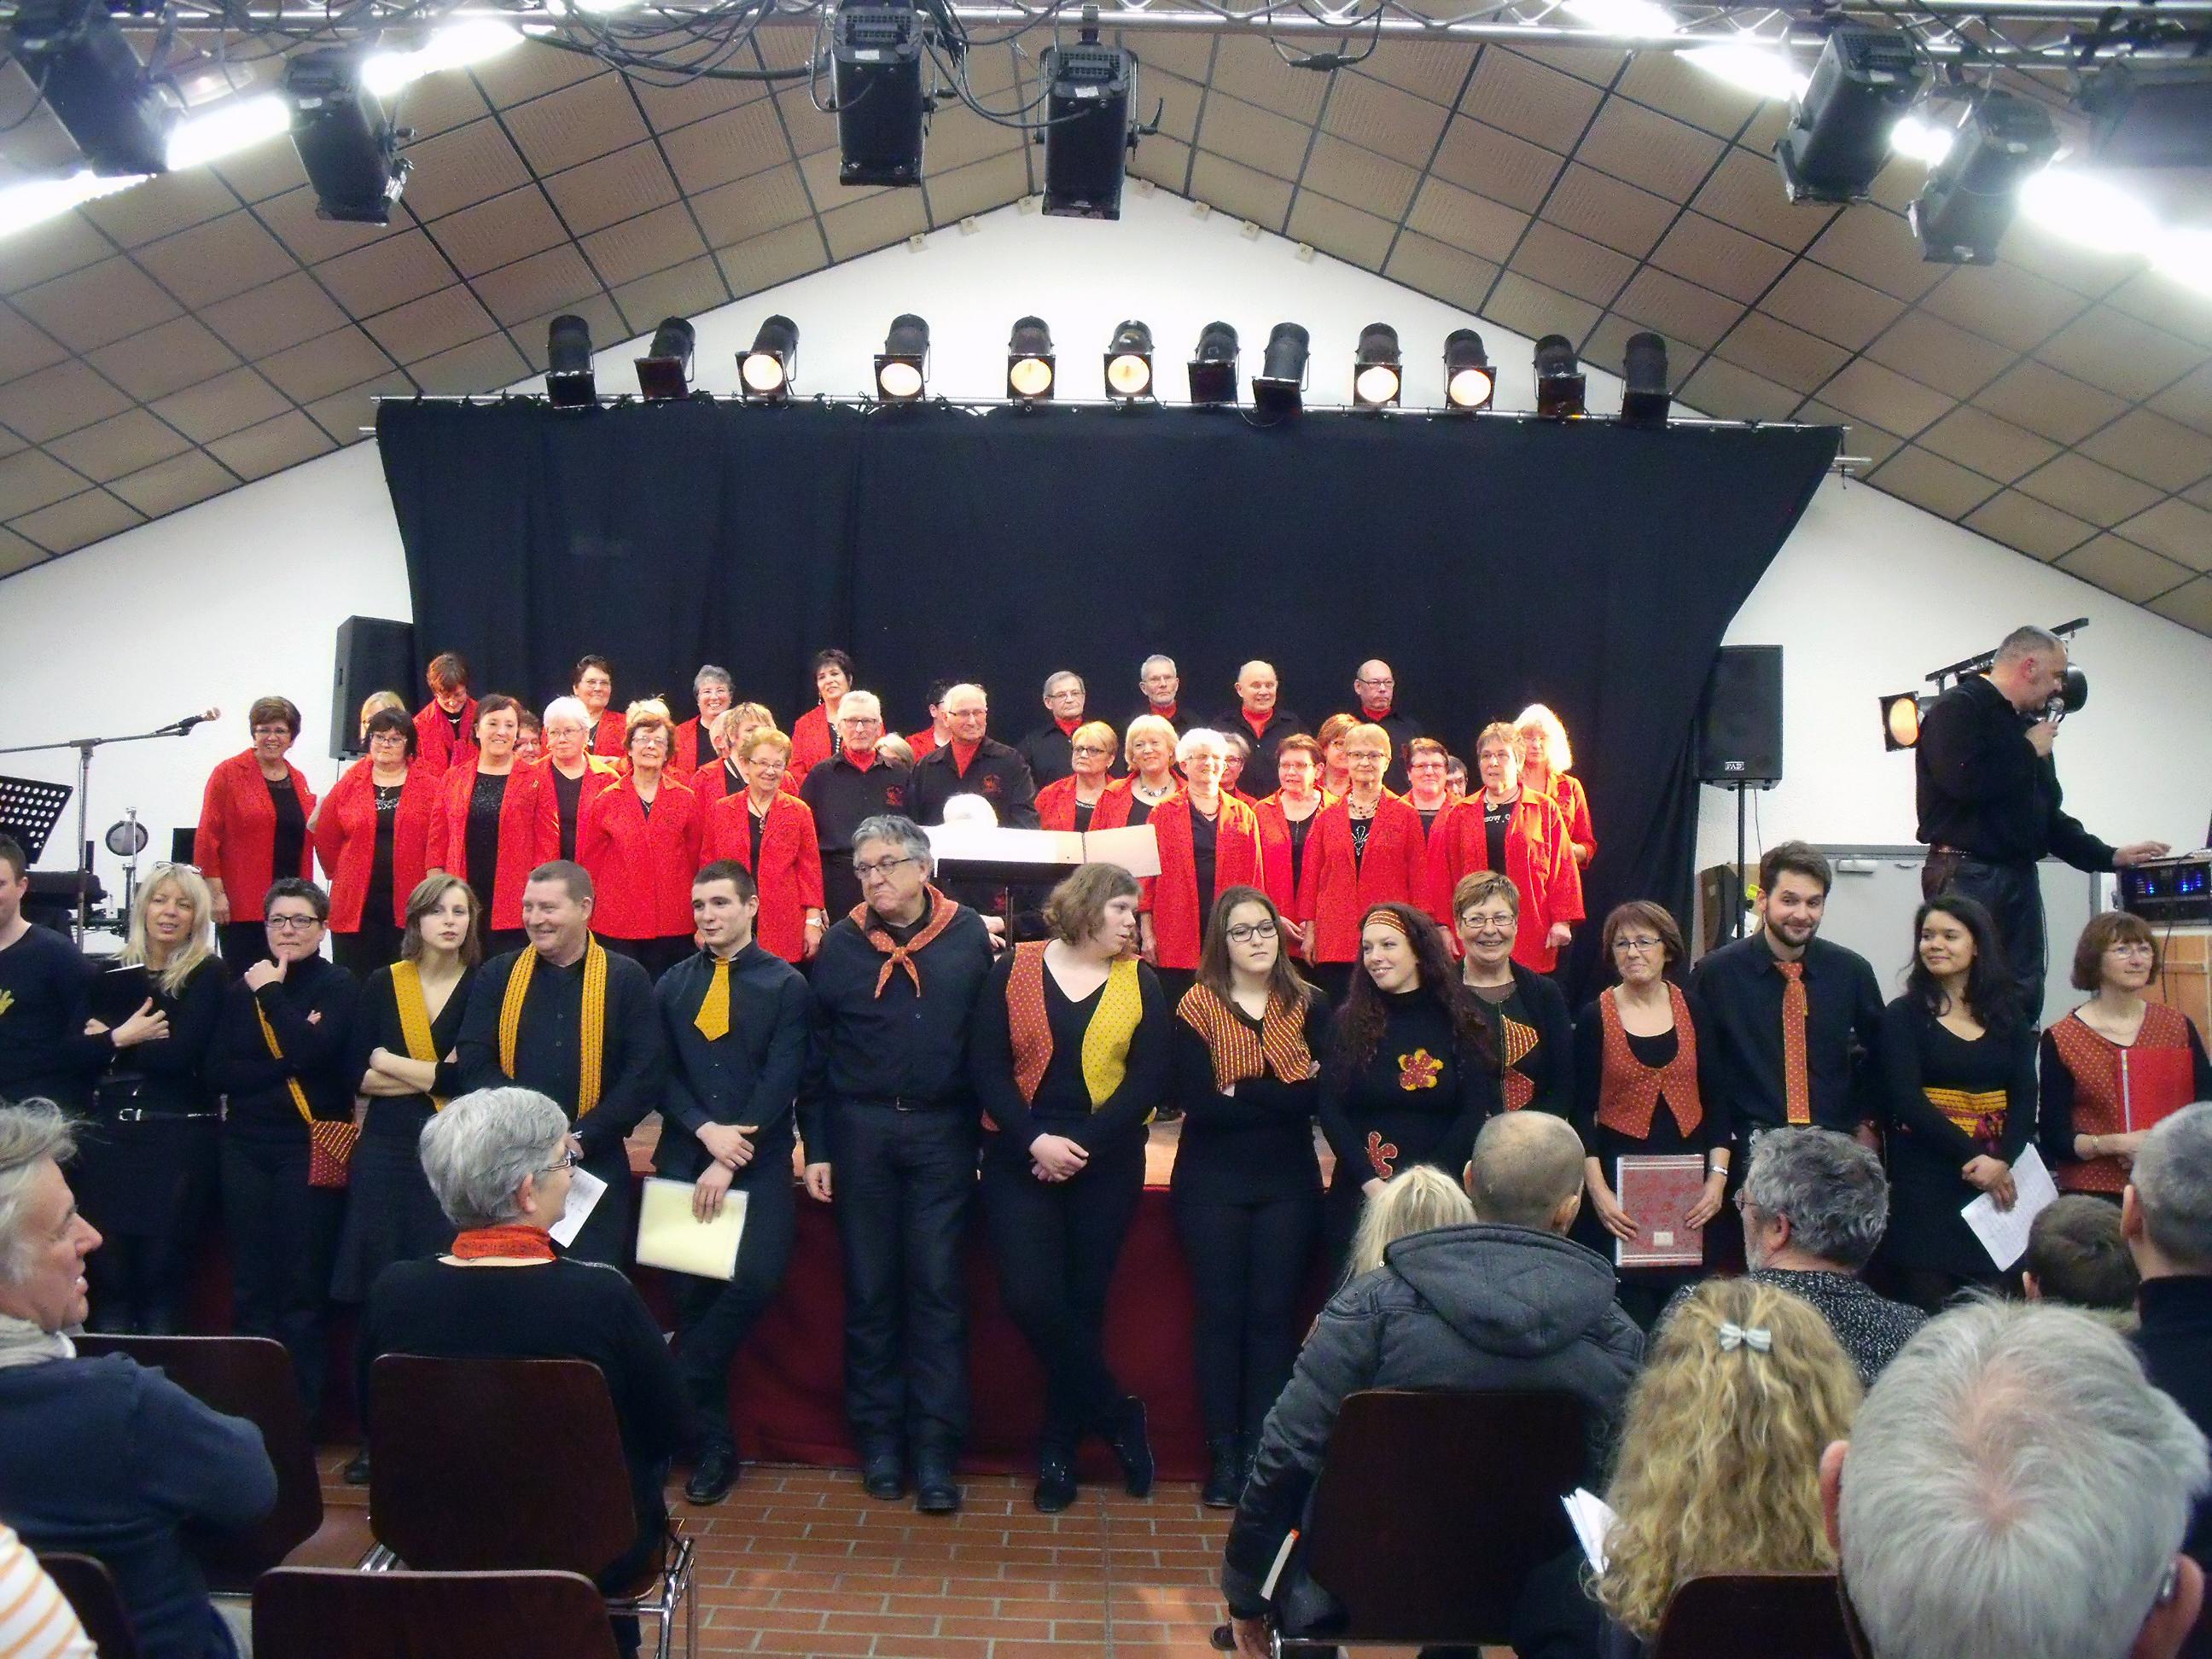 Le public et Chant'Seille souhaitent un bon anniversaire à la Chorale Hurteloups